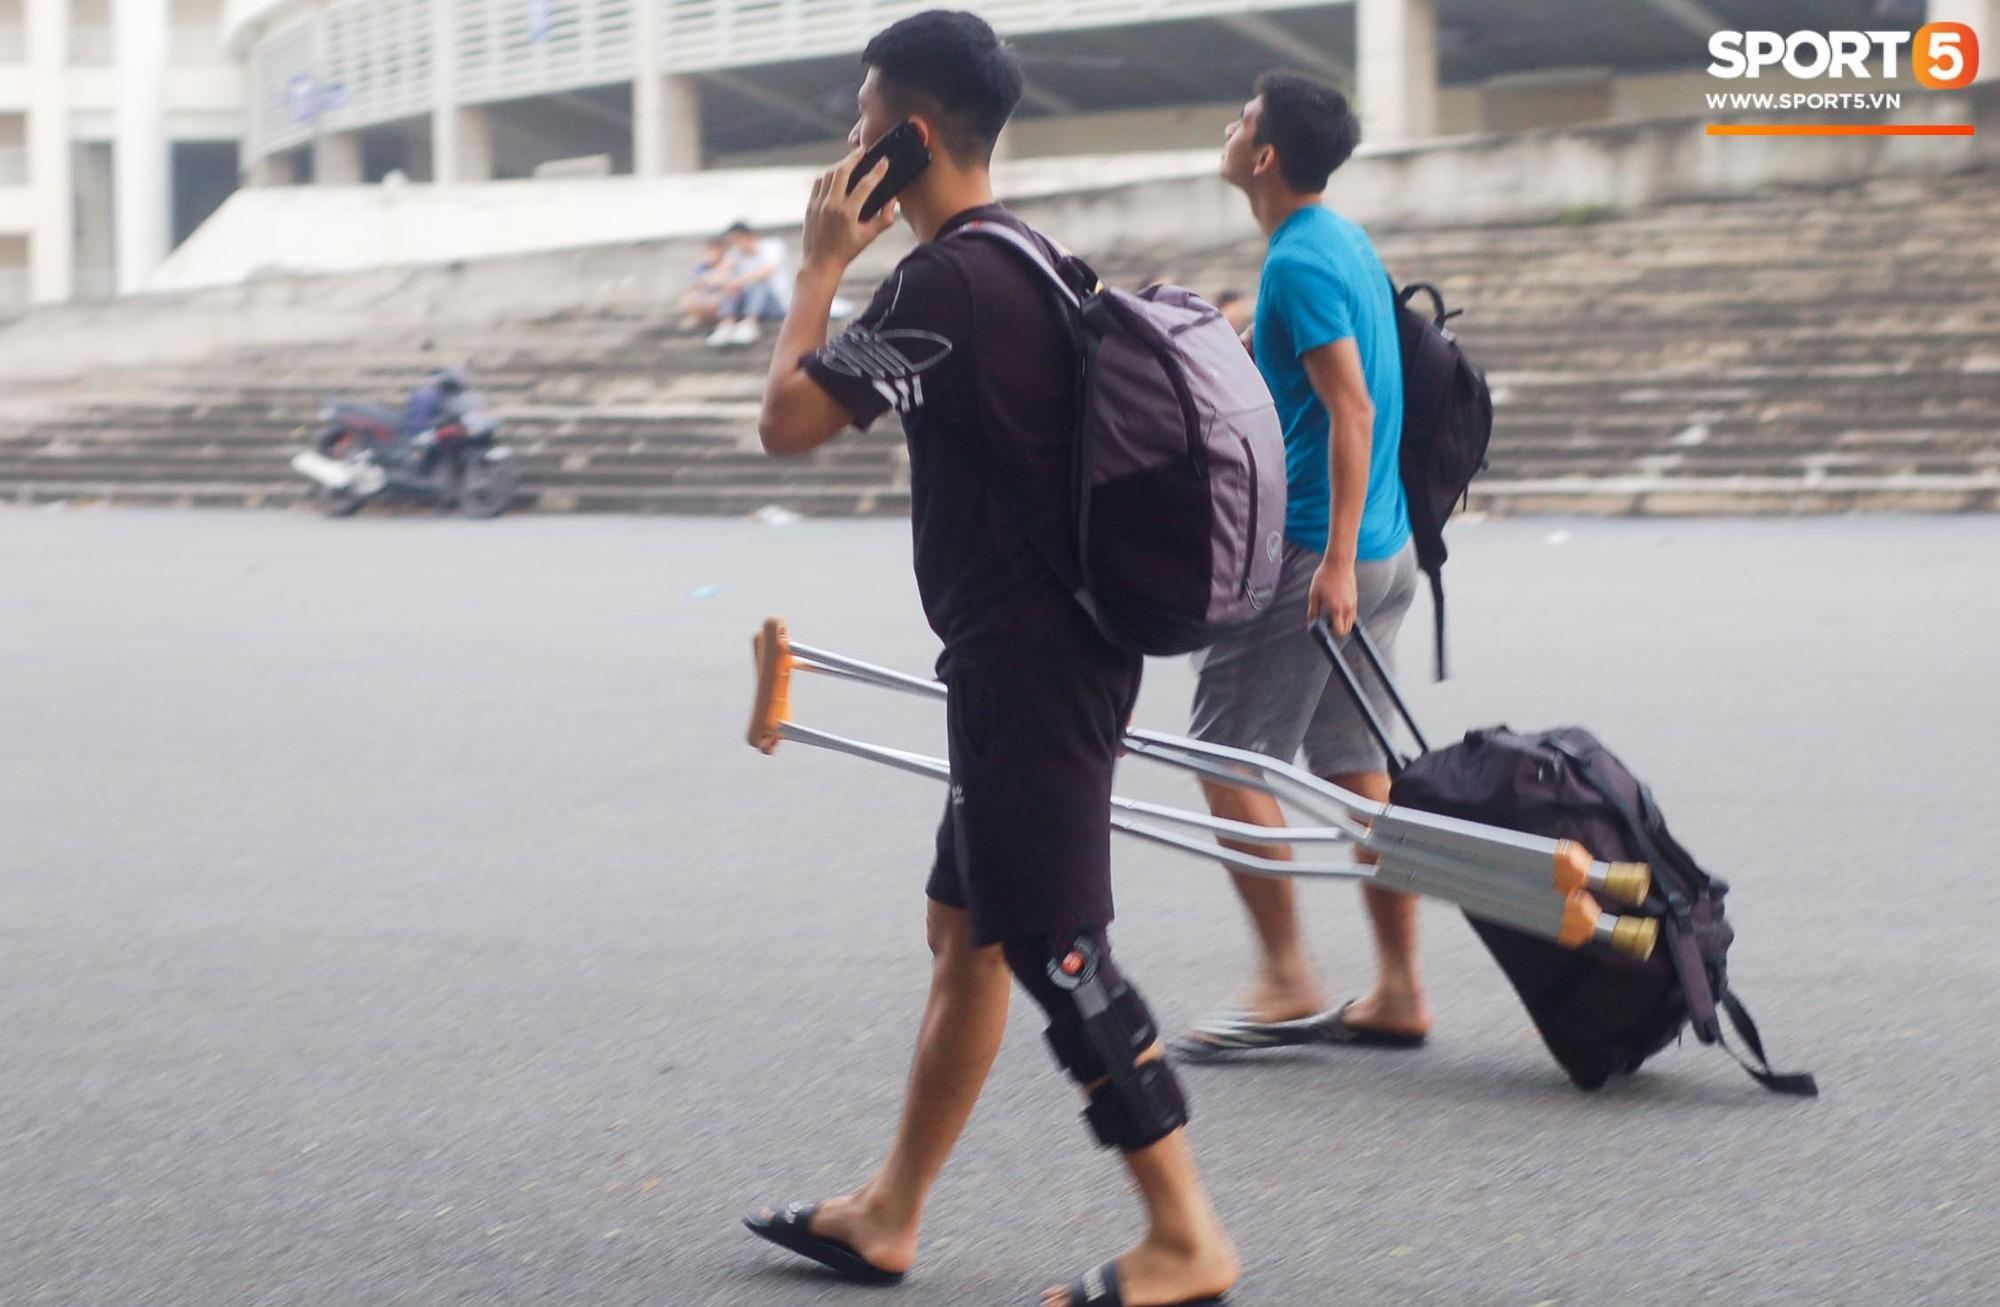 Đình Trọng chống nạng trở về Hà Nội FC, nhưng sự xuất hiện của người bạn thân mới làm người ta chú ý - Ảnh 2.